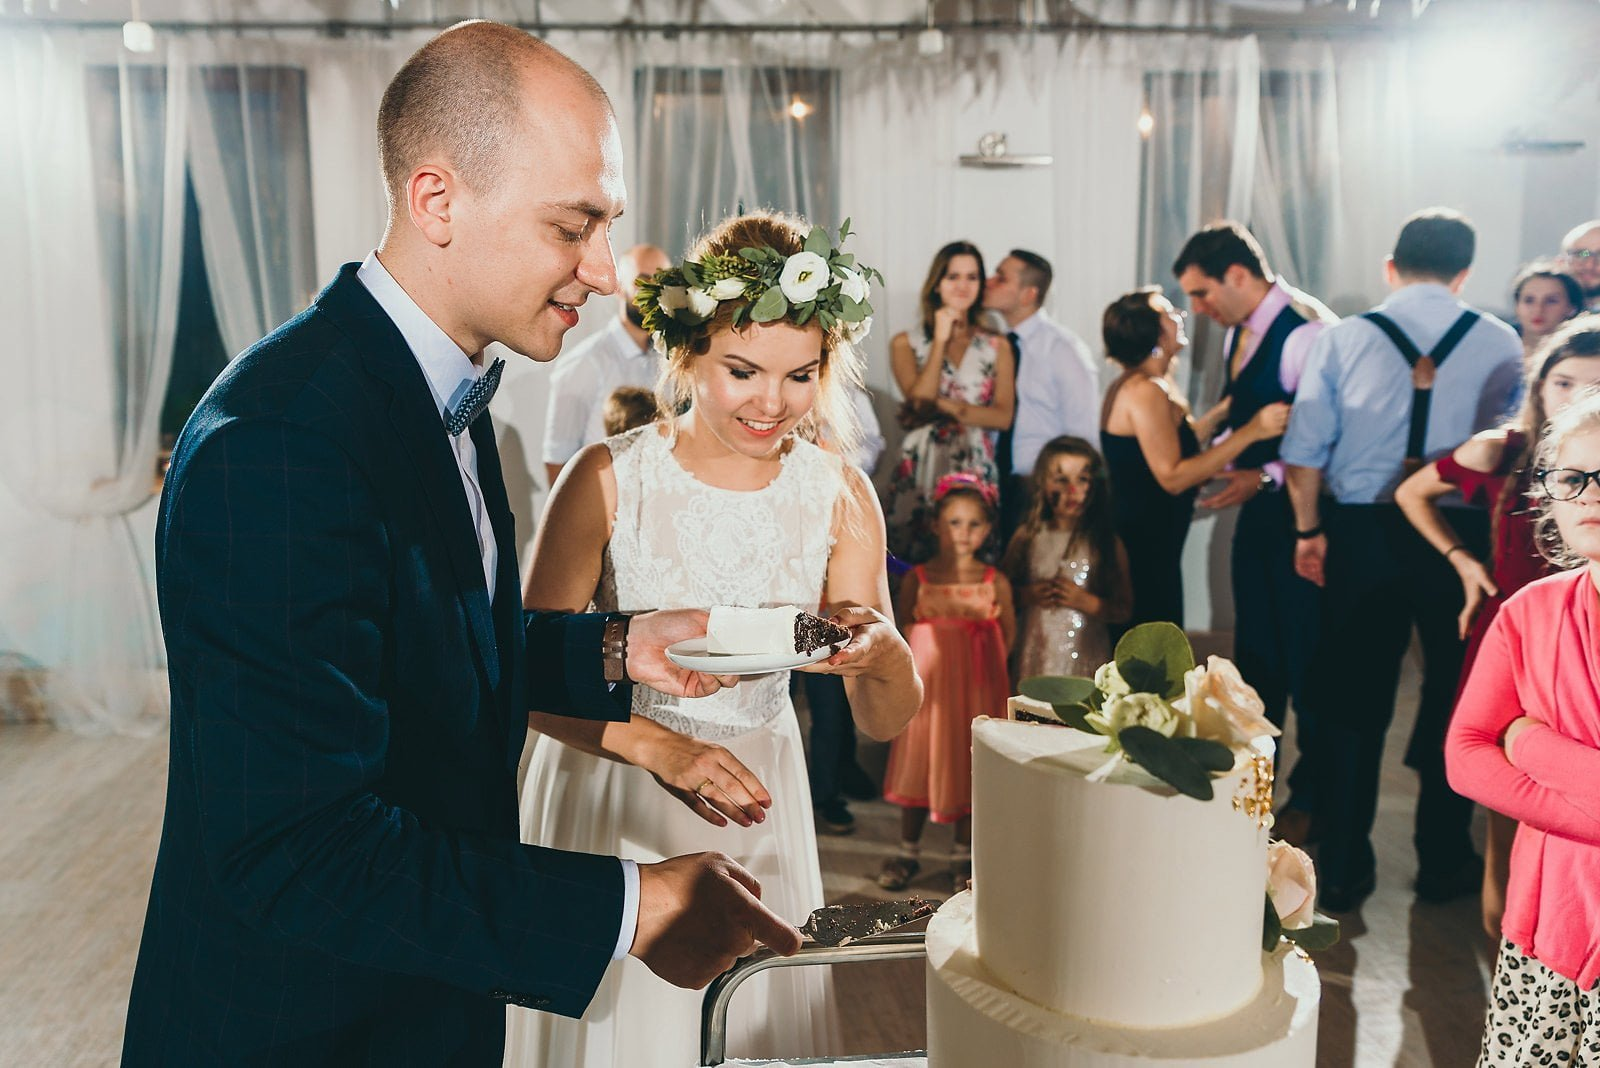 Justyna i Szymon - plenerowy ślub w stylu boho 115